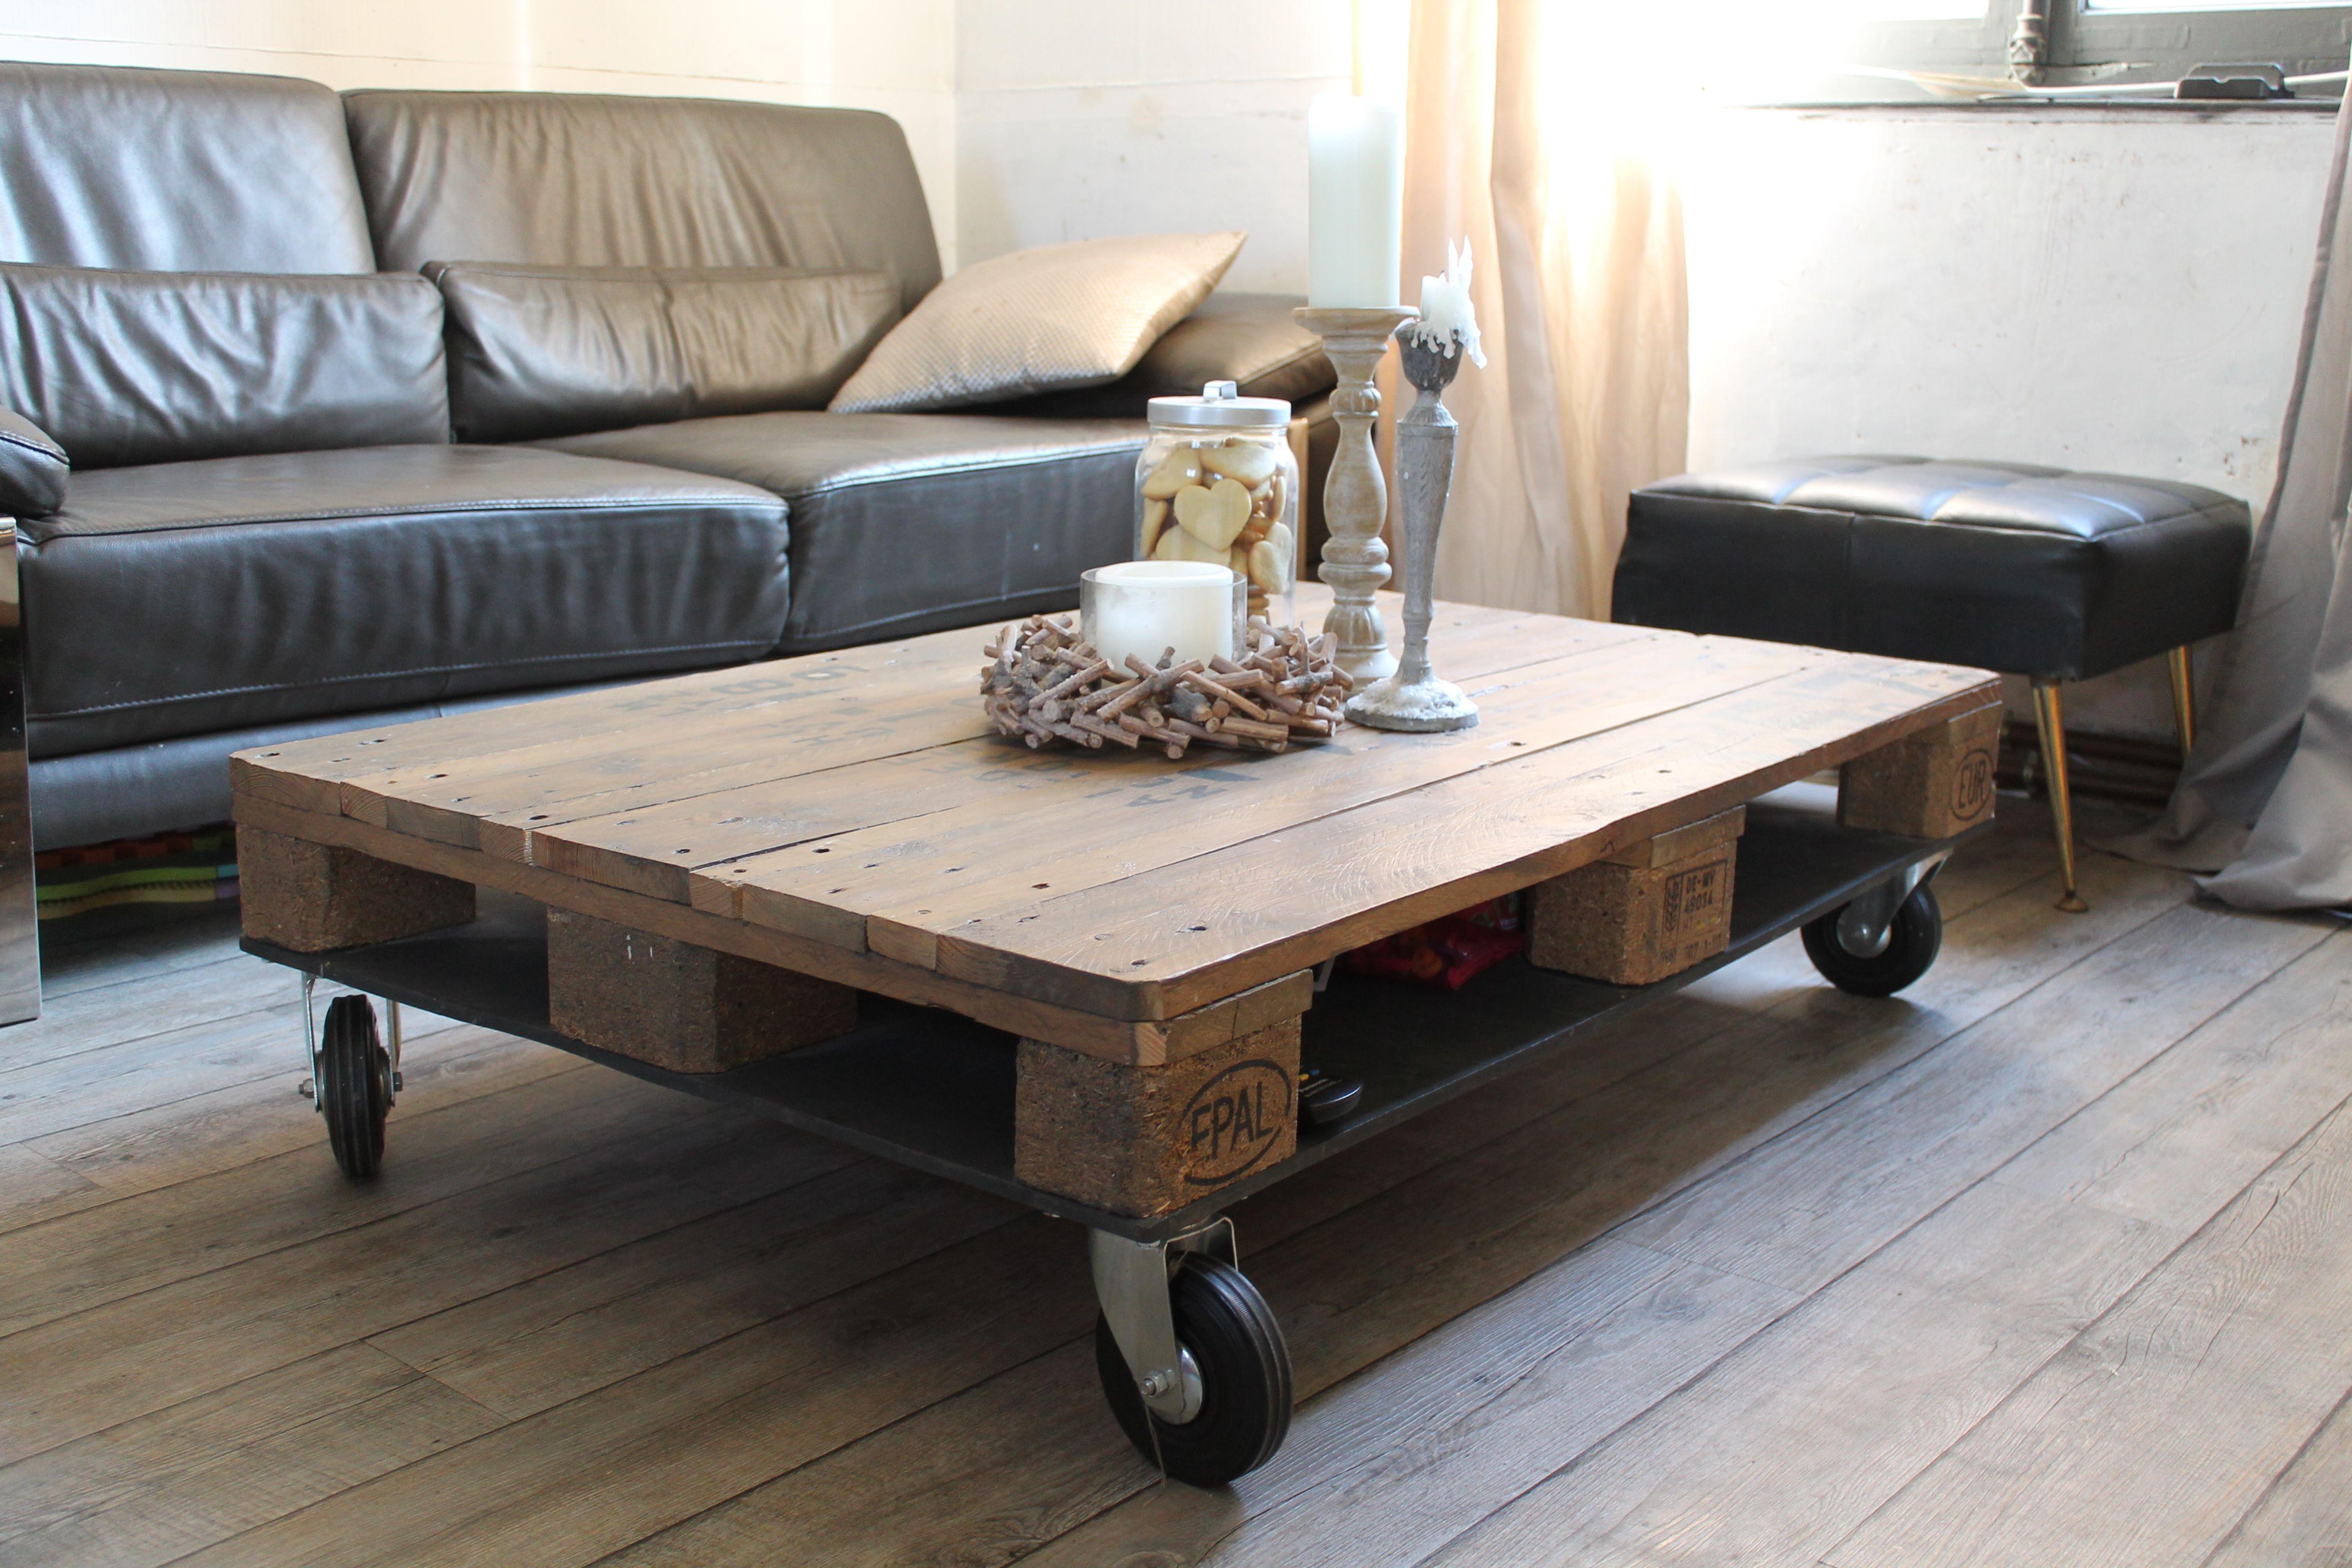 Table Basse Concue Avec Une Palette Roulette Wow C Est Diy Www Lartdelacaisse Fr Table Basse Palette Table Basse Idee Deco Rangement